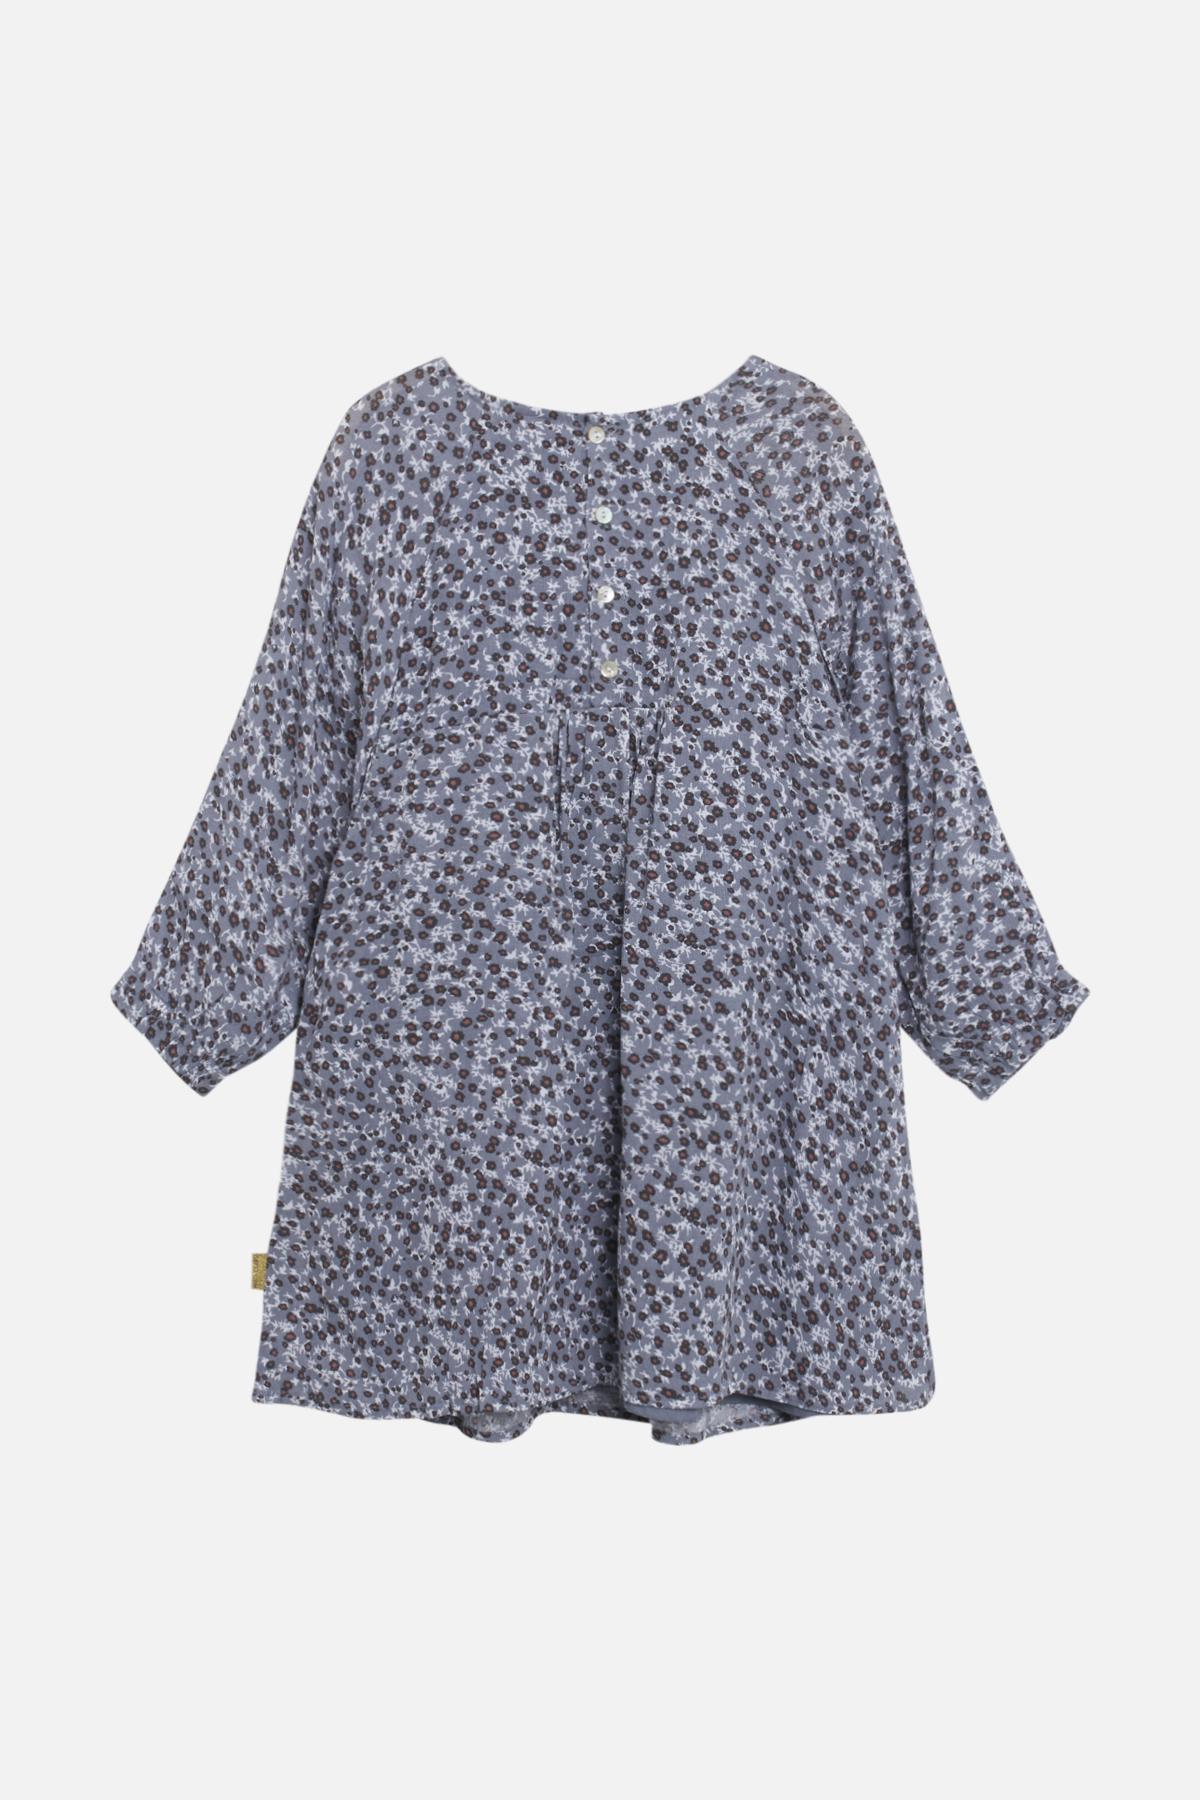 Girl - Damaris - Dress